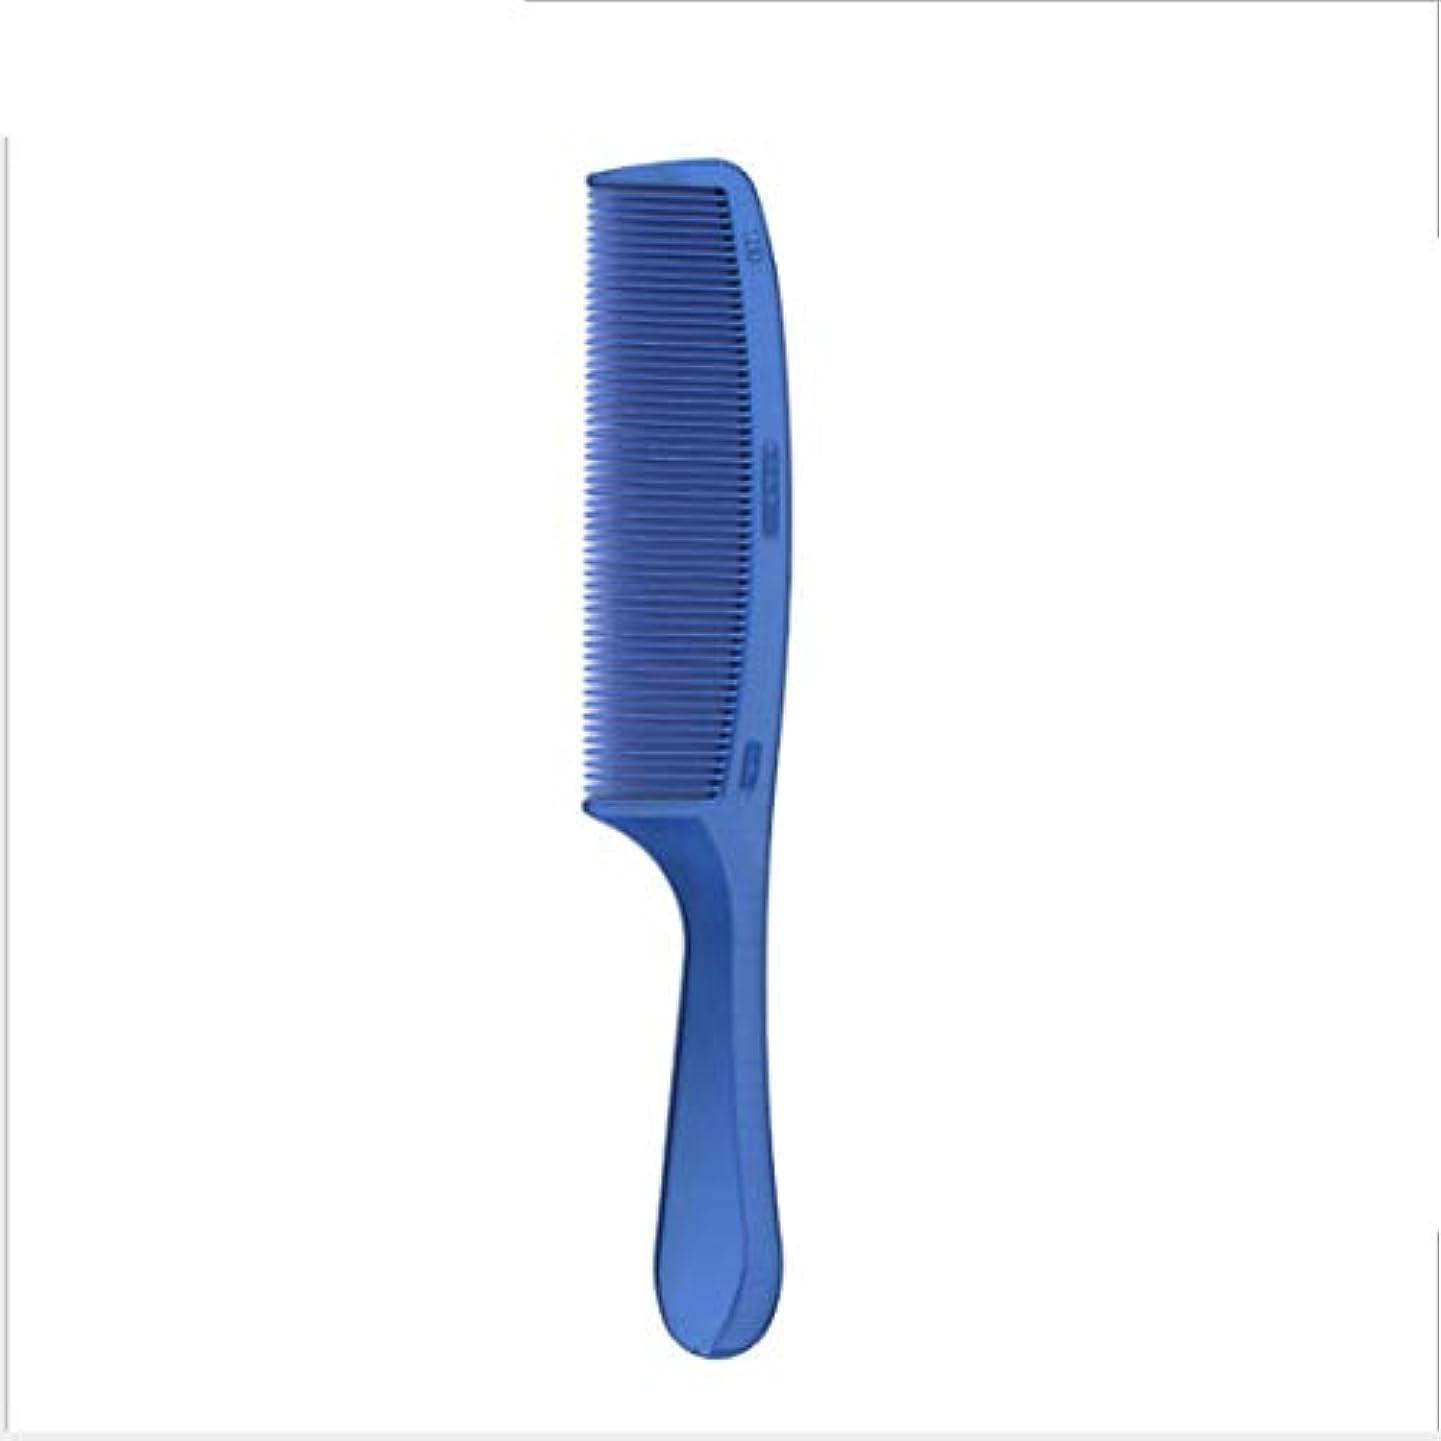 変化頼む怠けた(メイクコーム、ナイロンコーム、フラットコーム)女性や男性のためのプラスチック製の髪の櫛静電気防止髪カット特別な櫛ナチュラルカラーブルー ヘアケア (サイズ : 128)